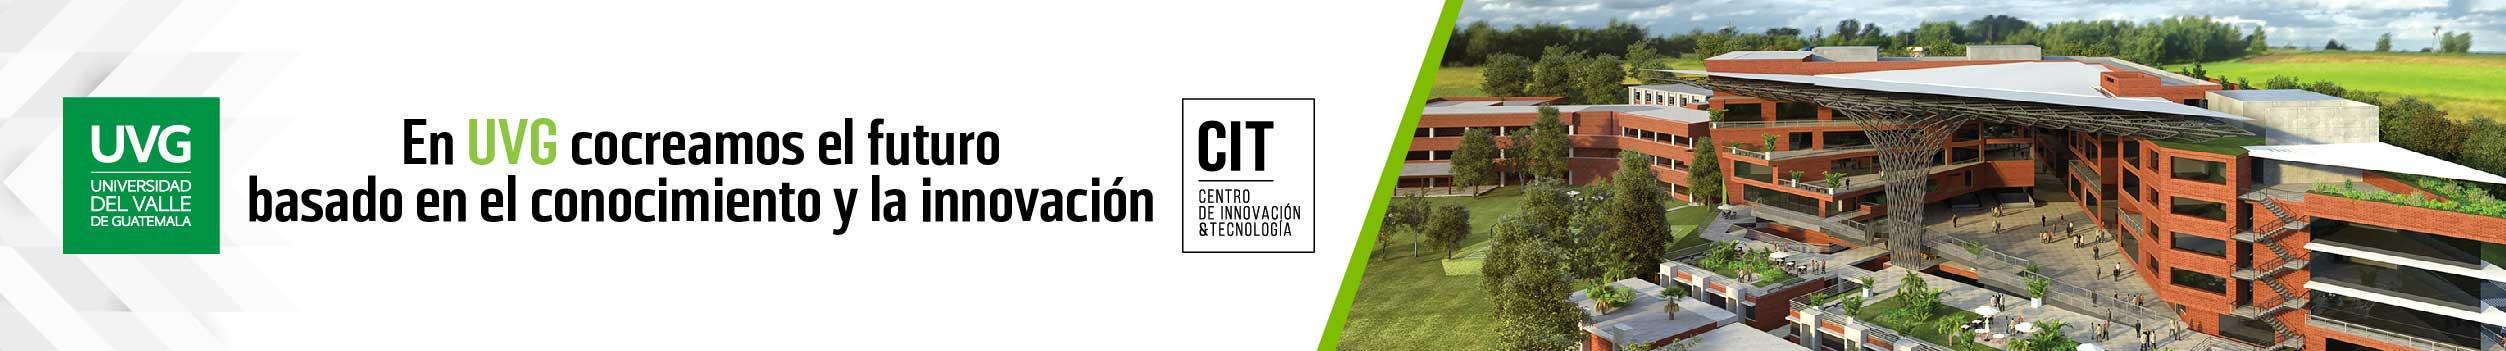 La Oficina de Transferencia Tecnológica (OTT) apoyará el desarrollo de emprendimientos en el CIT